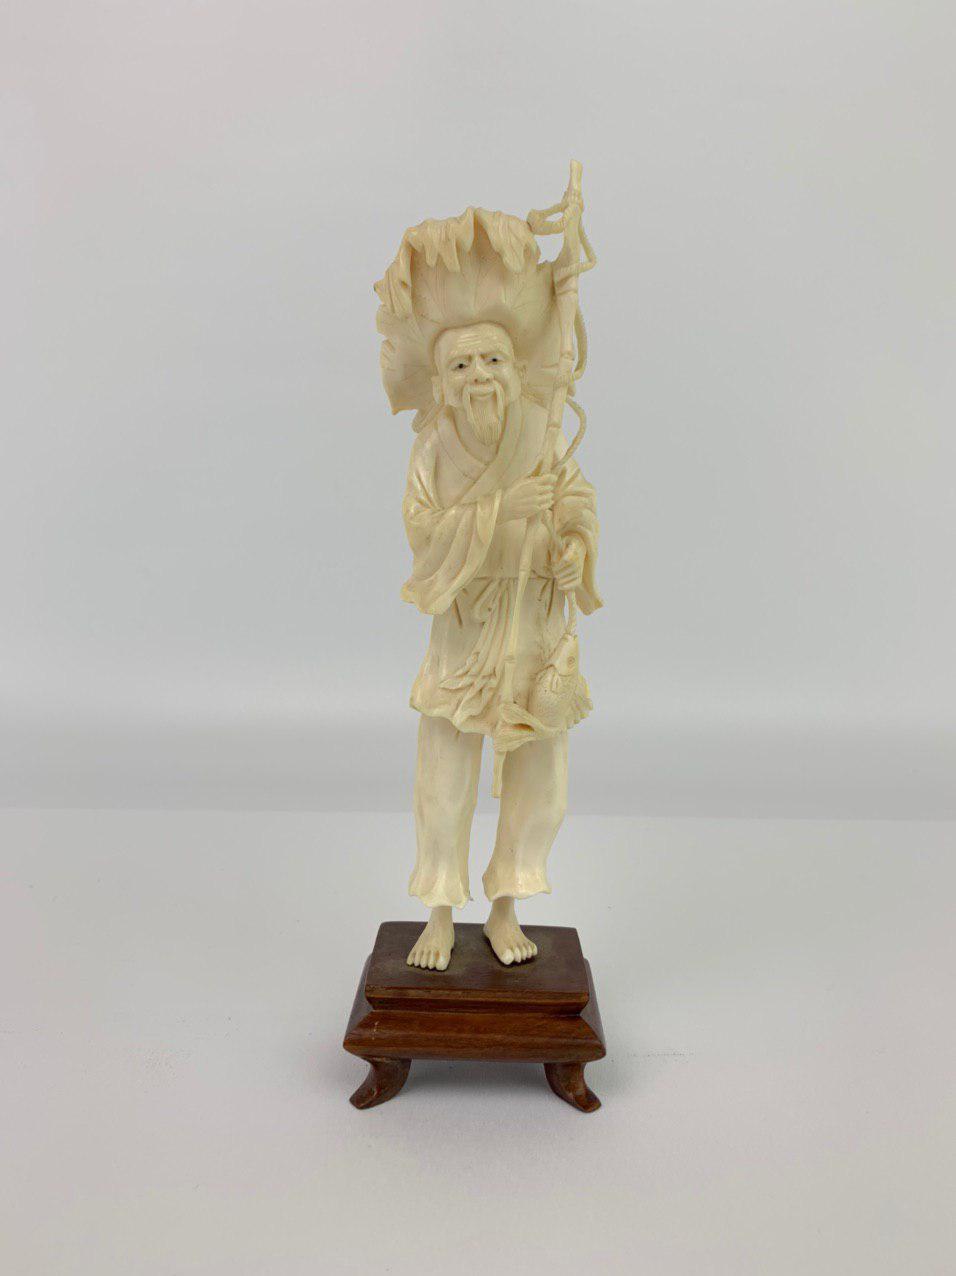 Антикварная фигурка из слоновой кости